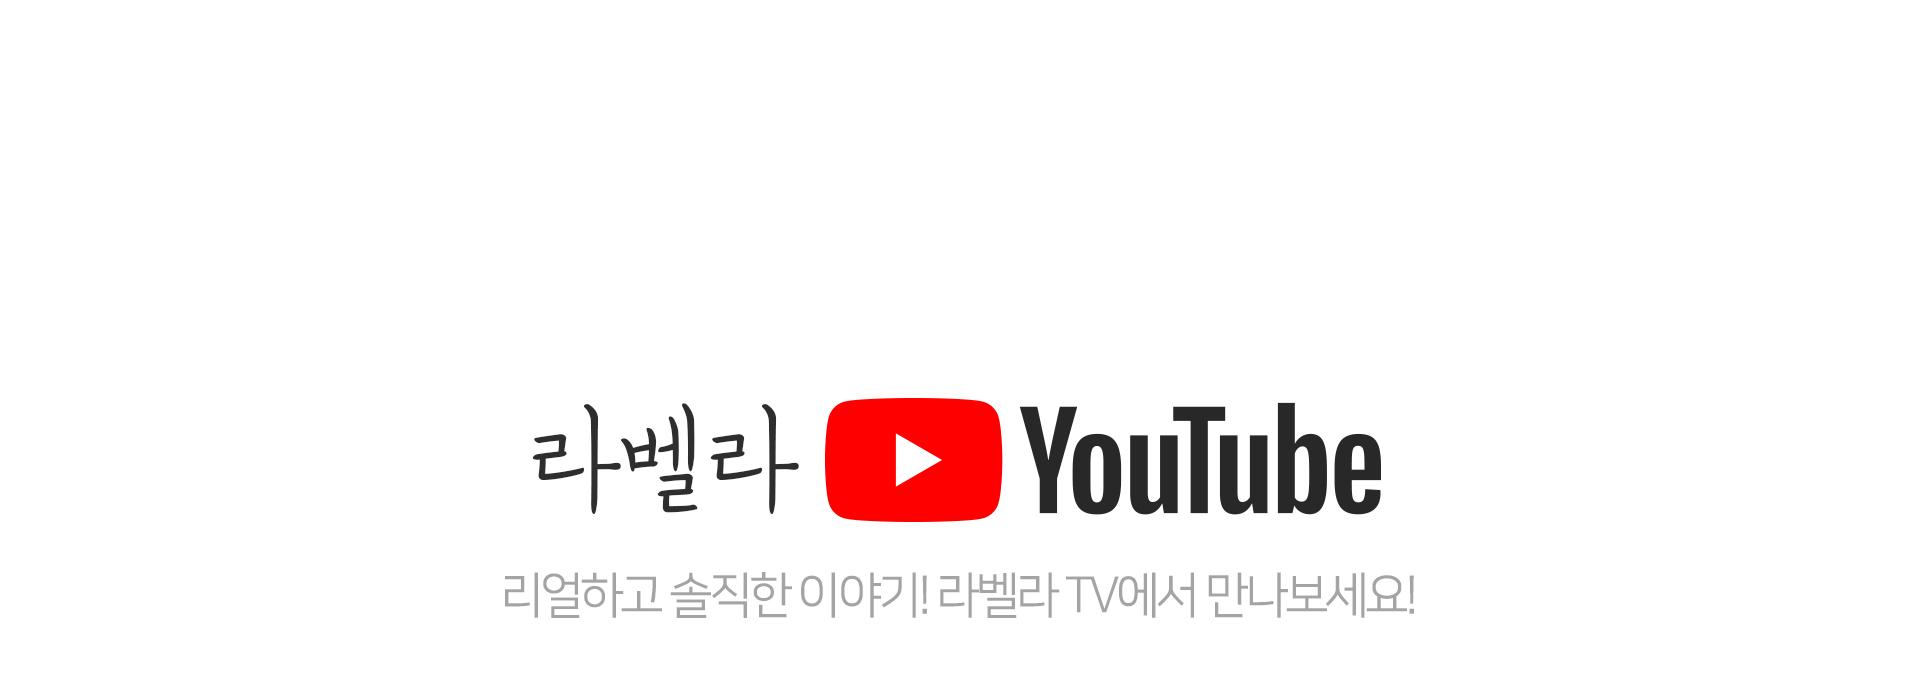 강남 신논현역 피부과 성형외과 라벨라 labella gangnam youtube 라벨라 강남점 유튜브 리얼하고 솔직한 이야기! 라벨라 tv에서 만나보세요!